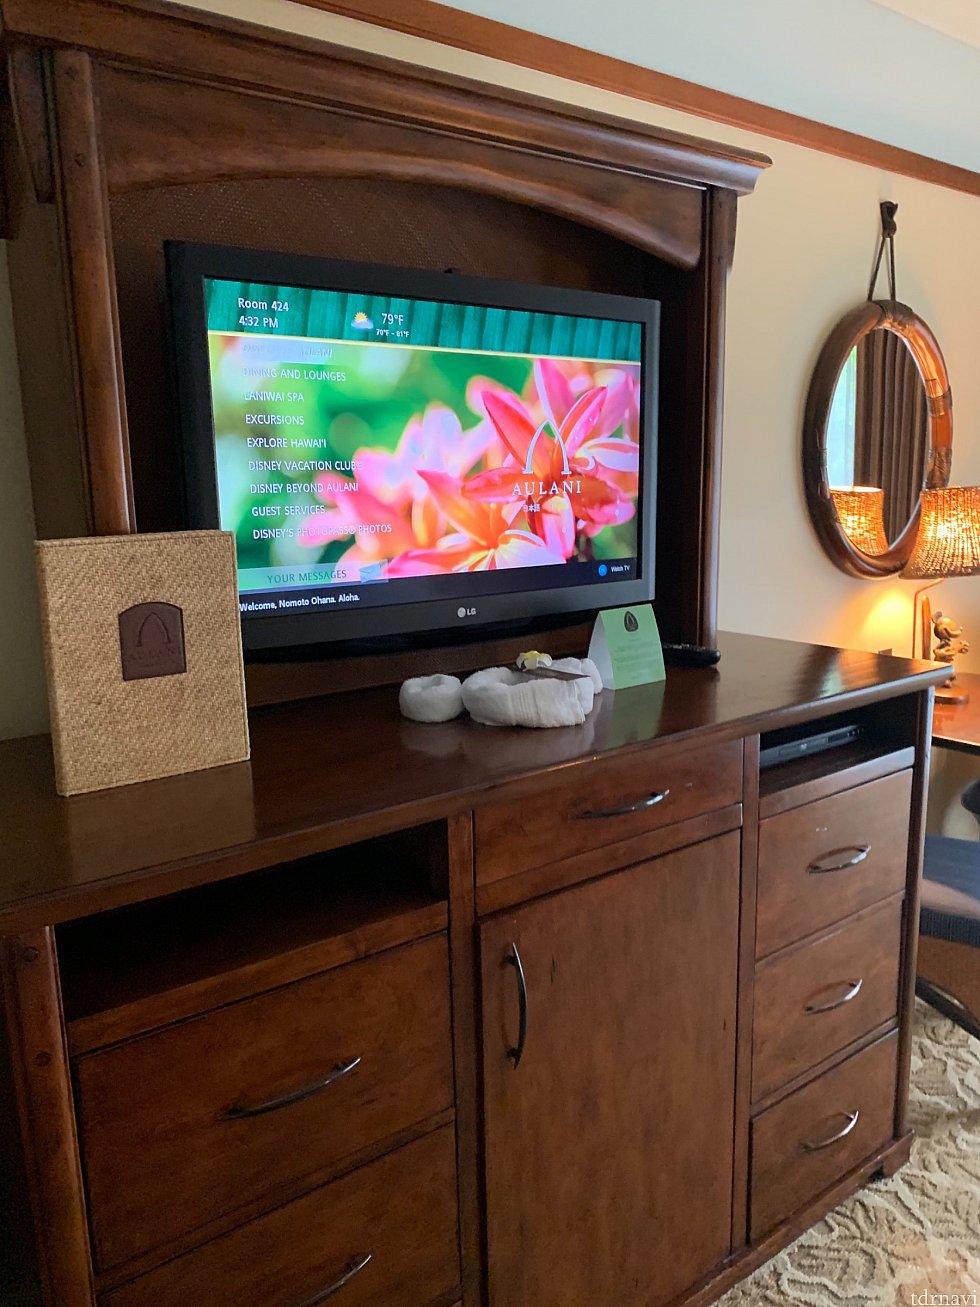 お部屋のテレビの画面! 一番下のディズニーフォトパスを選択して進むとお部屋で写真が見れます。